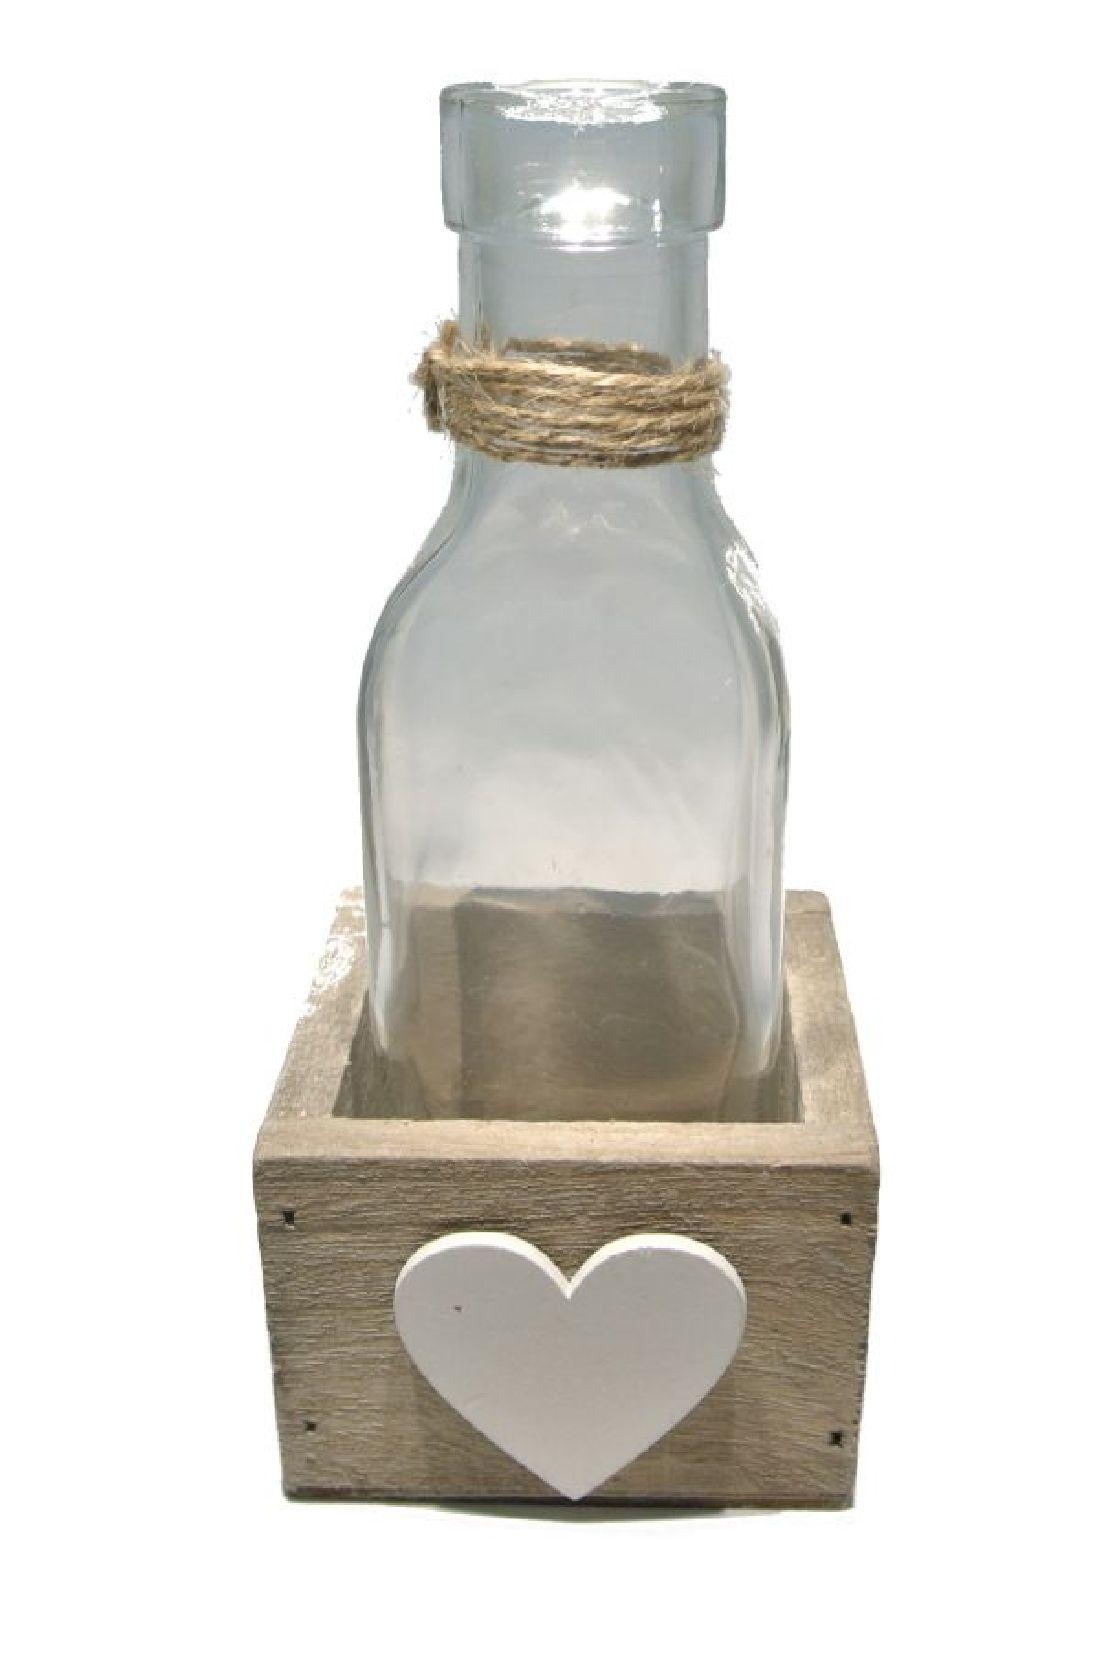 Glasflasche Herzi in Holzbox 17807 NATUR-WEISS 1er 7x7xH16cm